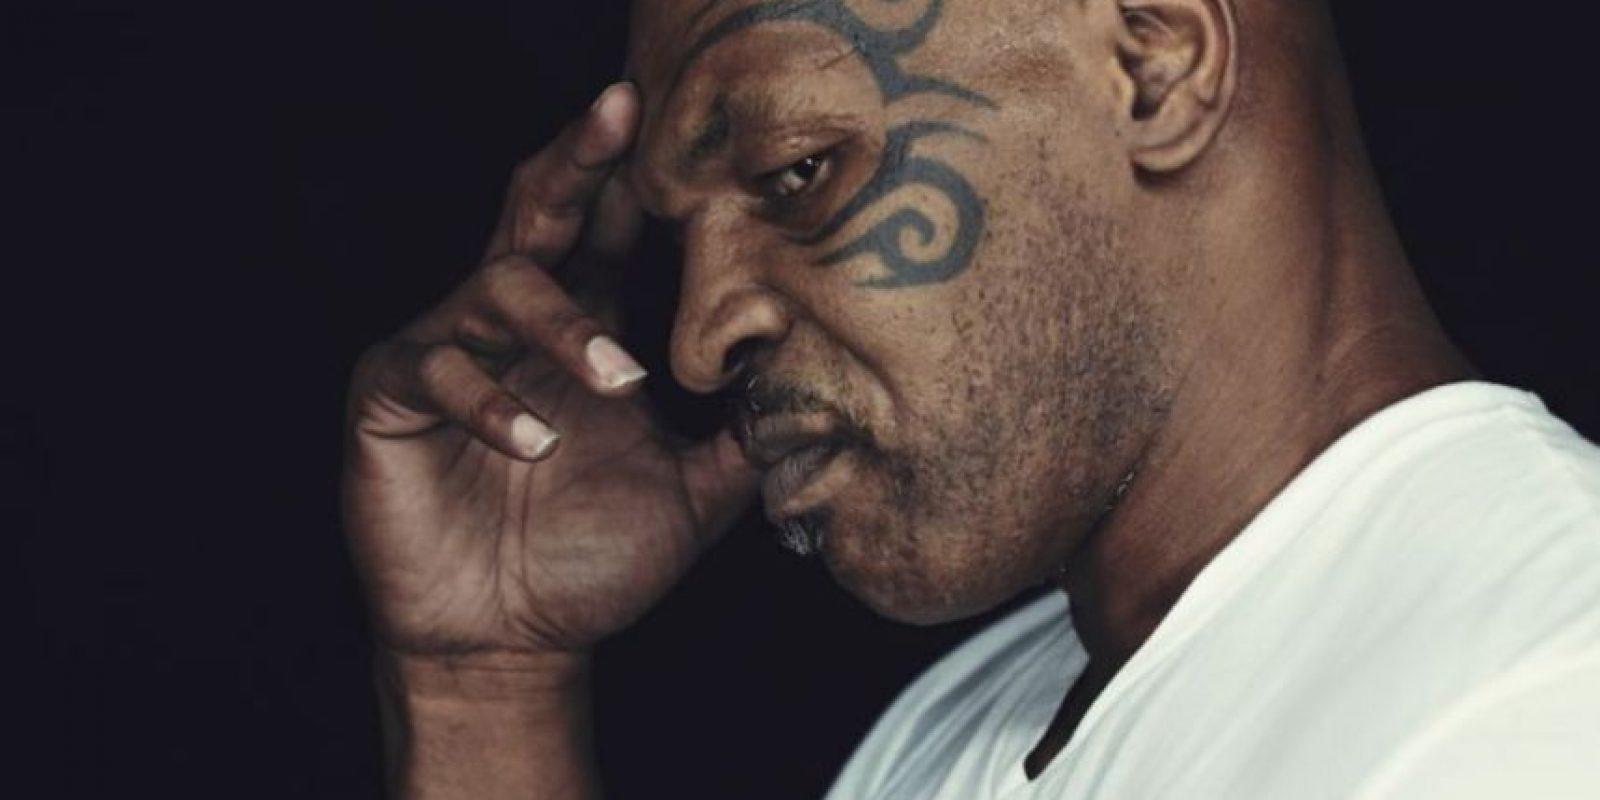 Tyson despilfarró su fortuna que tuvo que recurrir a ayuda del MGM de Las Vegas para subastar autógrafos y fotos con él; según publicó en 2012 La Gazzetta dello Sport. Foto:Getty Images